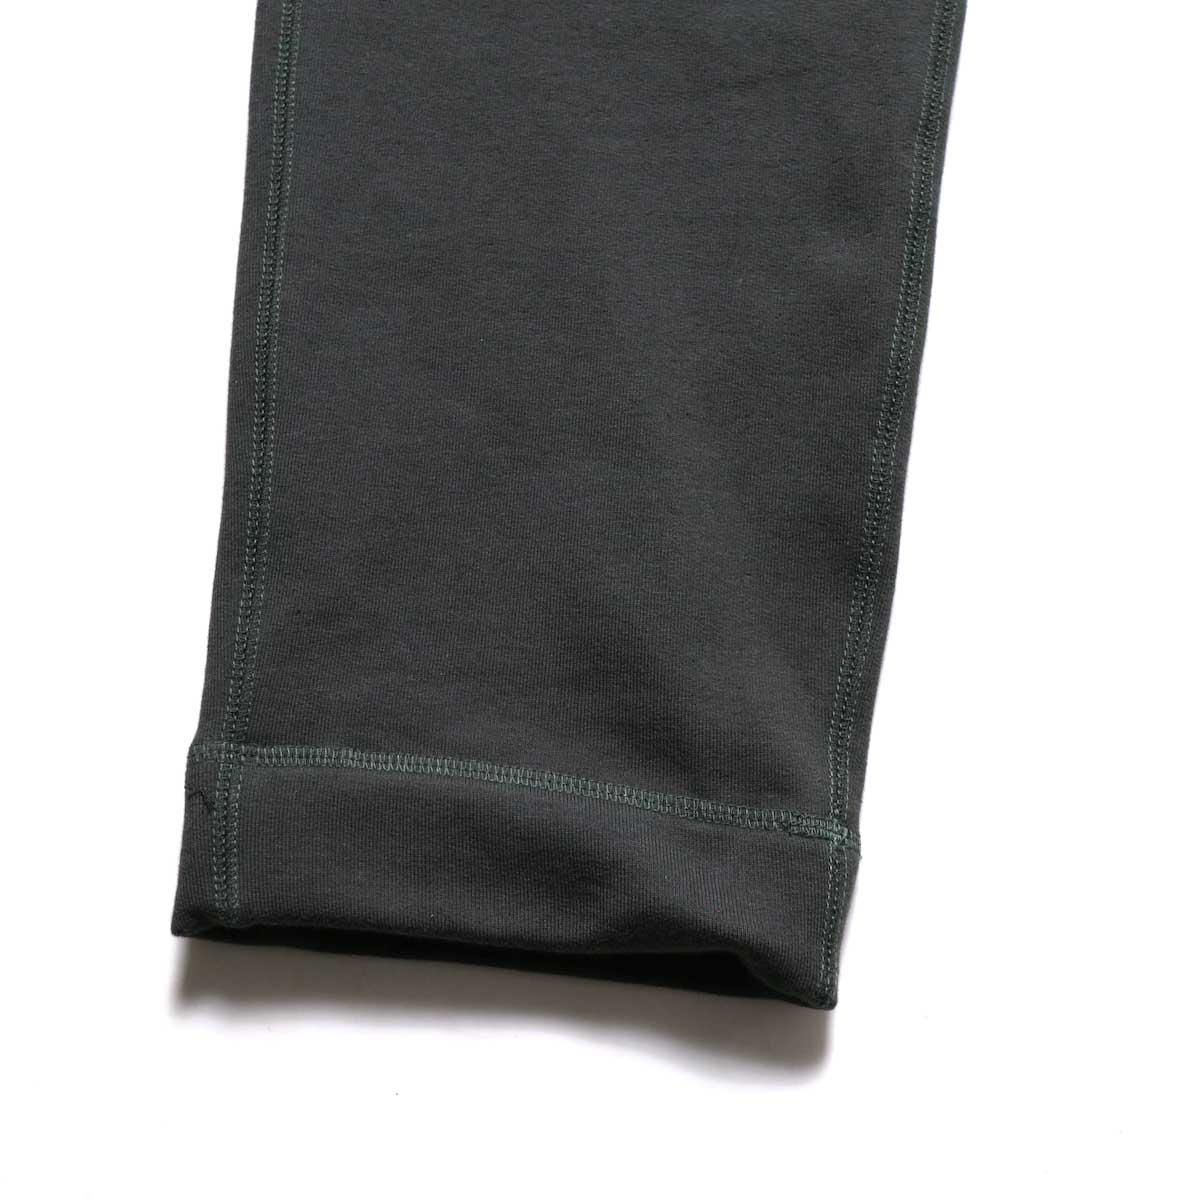 N.HOOLYWOOD / 27RCH-013 Track Pants (Charcoala)裾